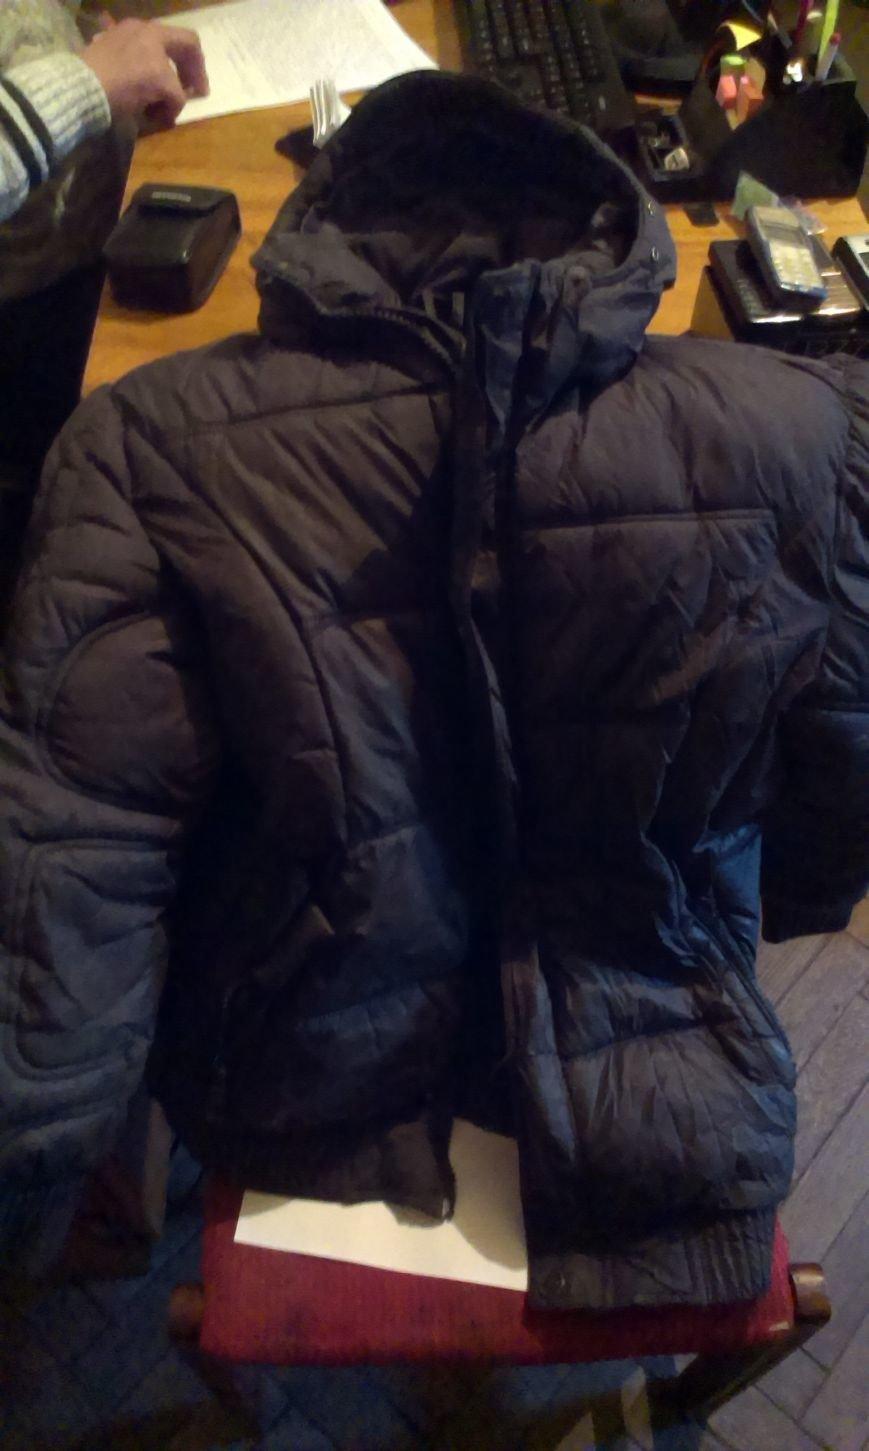 В Днепродзержинске задержали домушника рецидивиста (Фото 18+) (фото) - фото 3